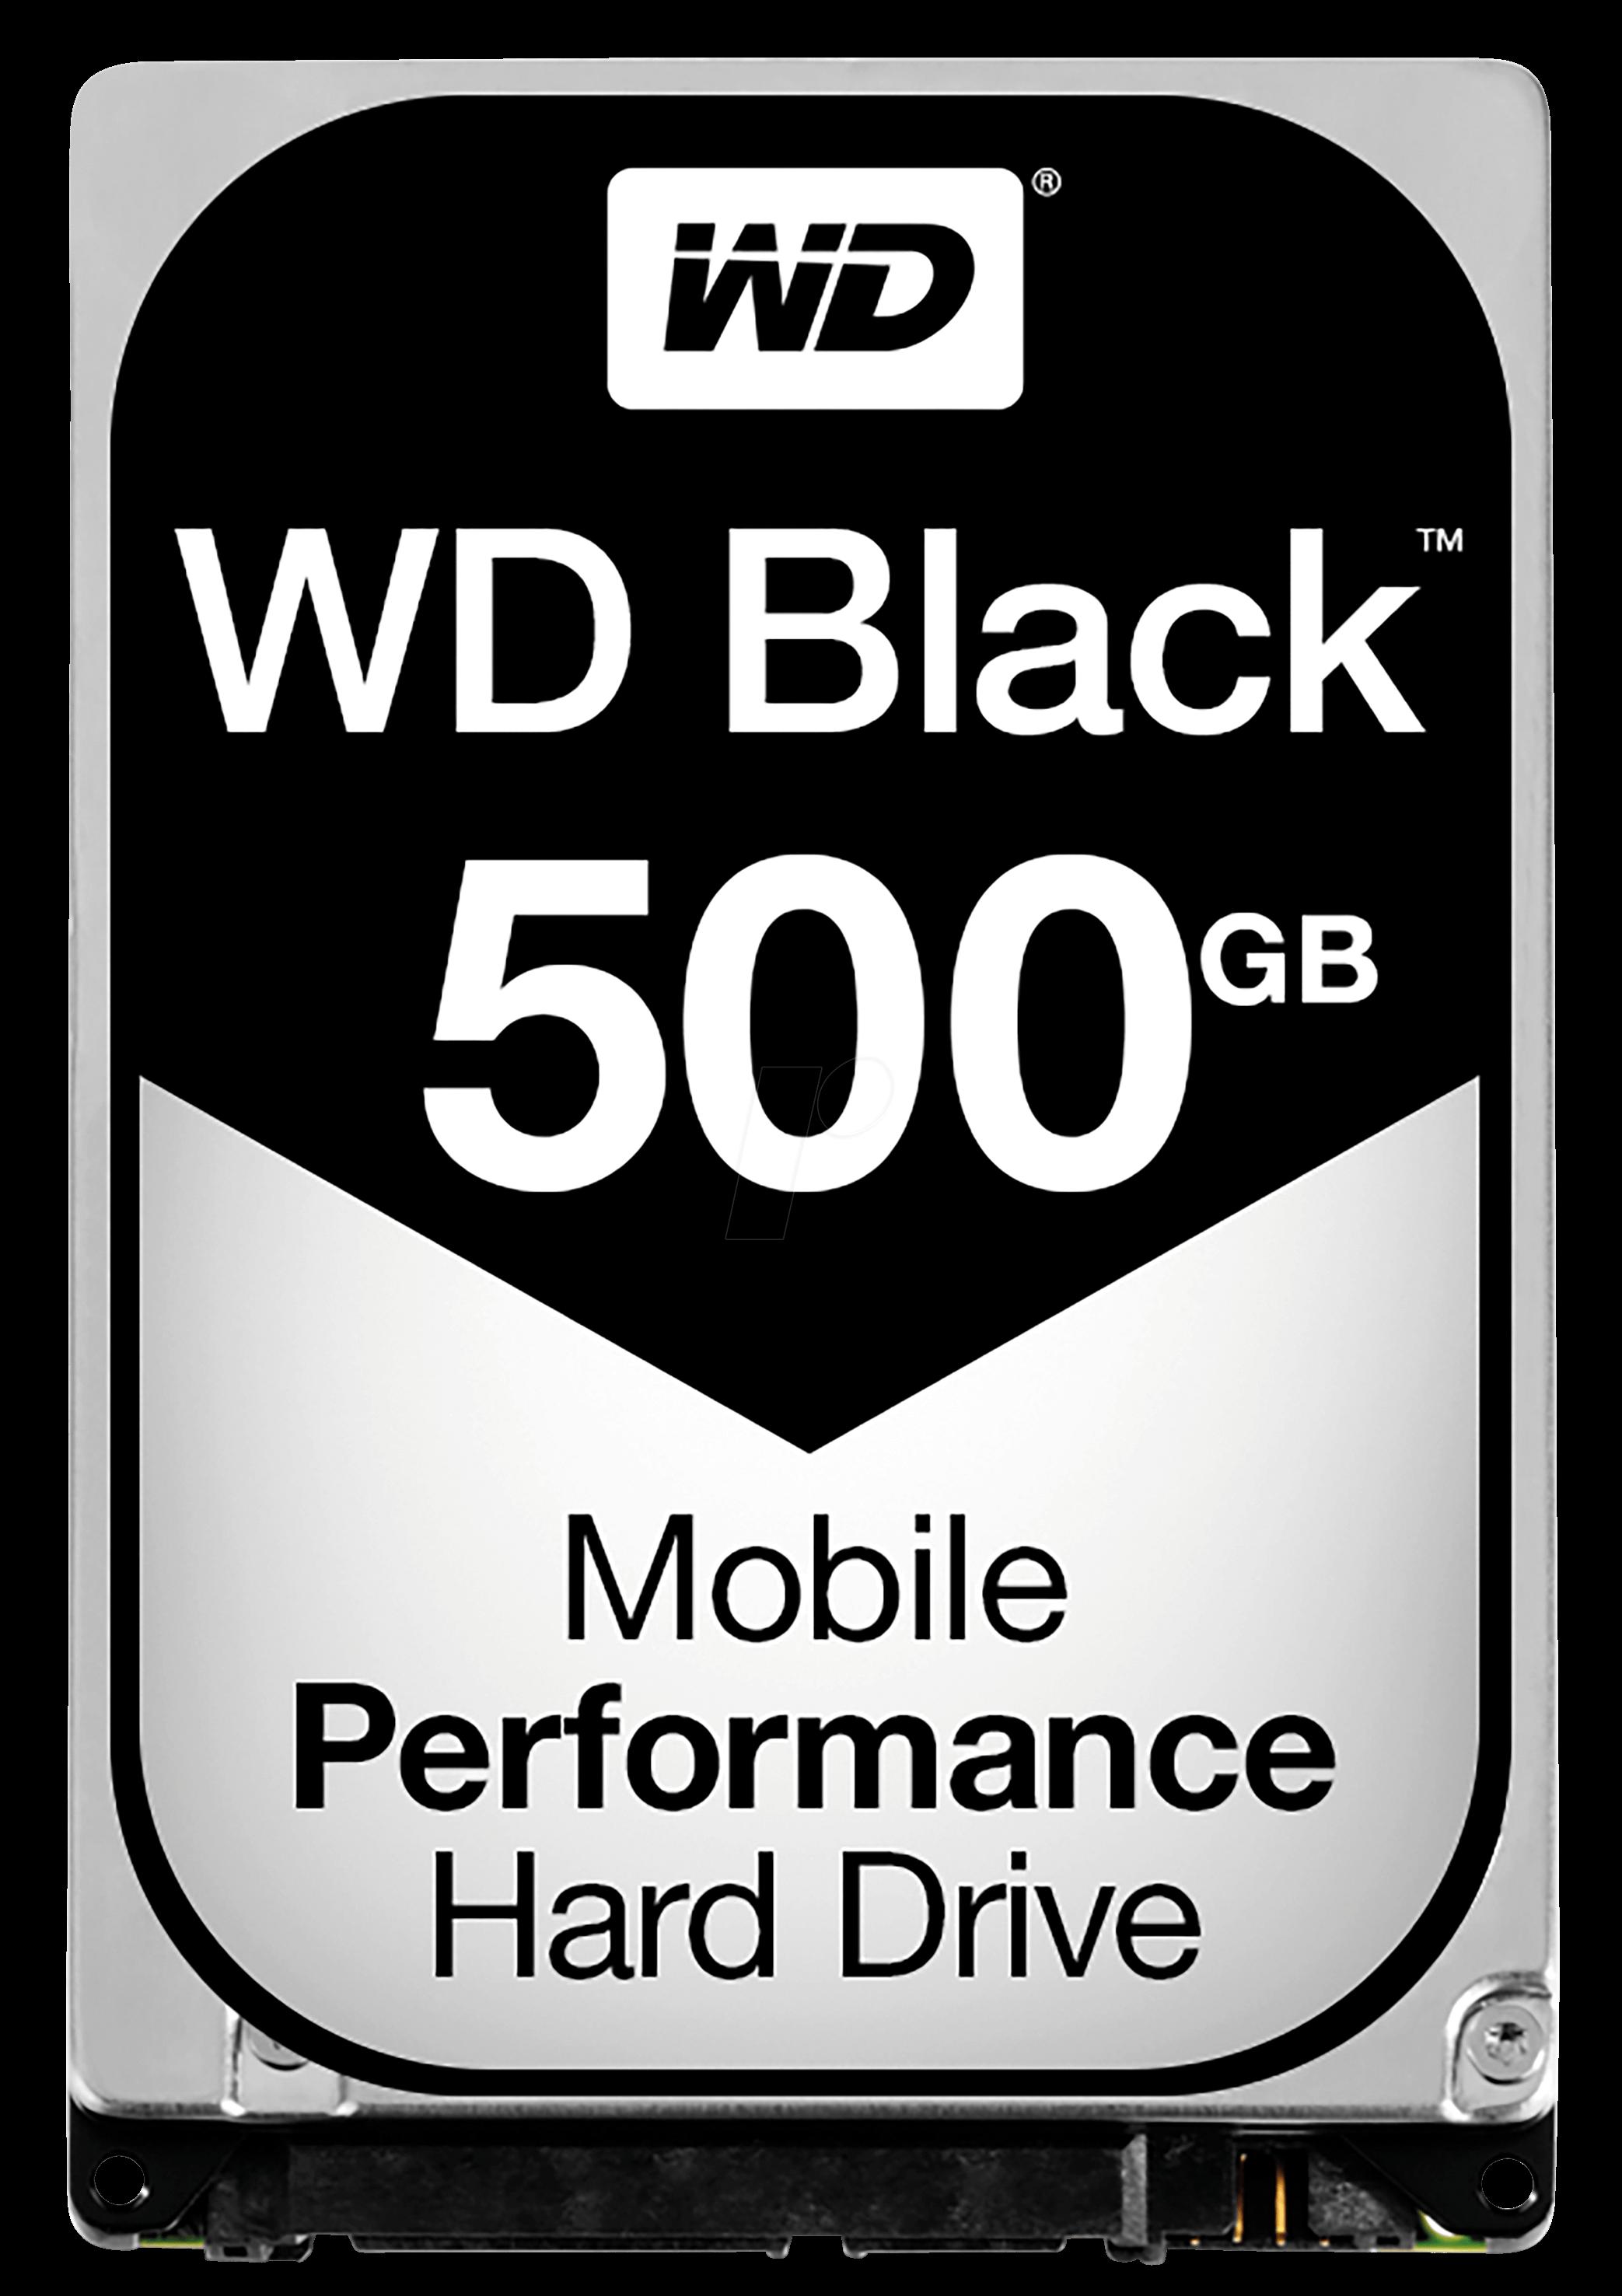 https://cdn-reichelt.de/bilder/web/xxl_ws/E600/WD_BLACKM_500.png